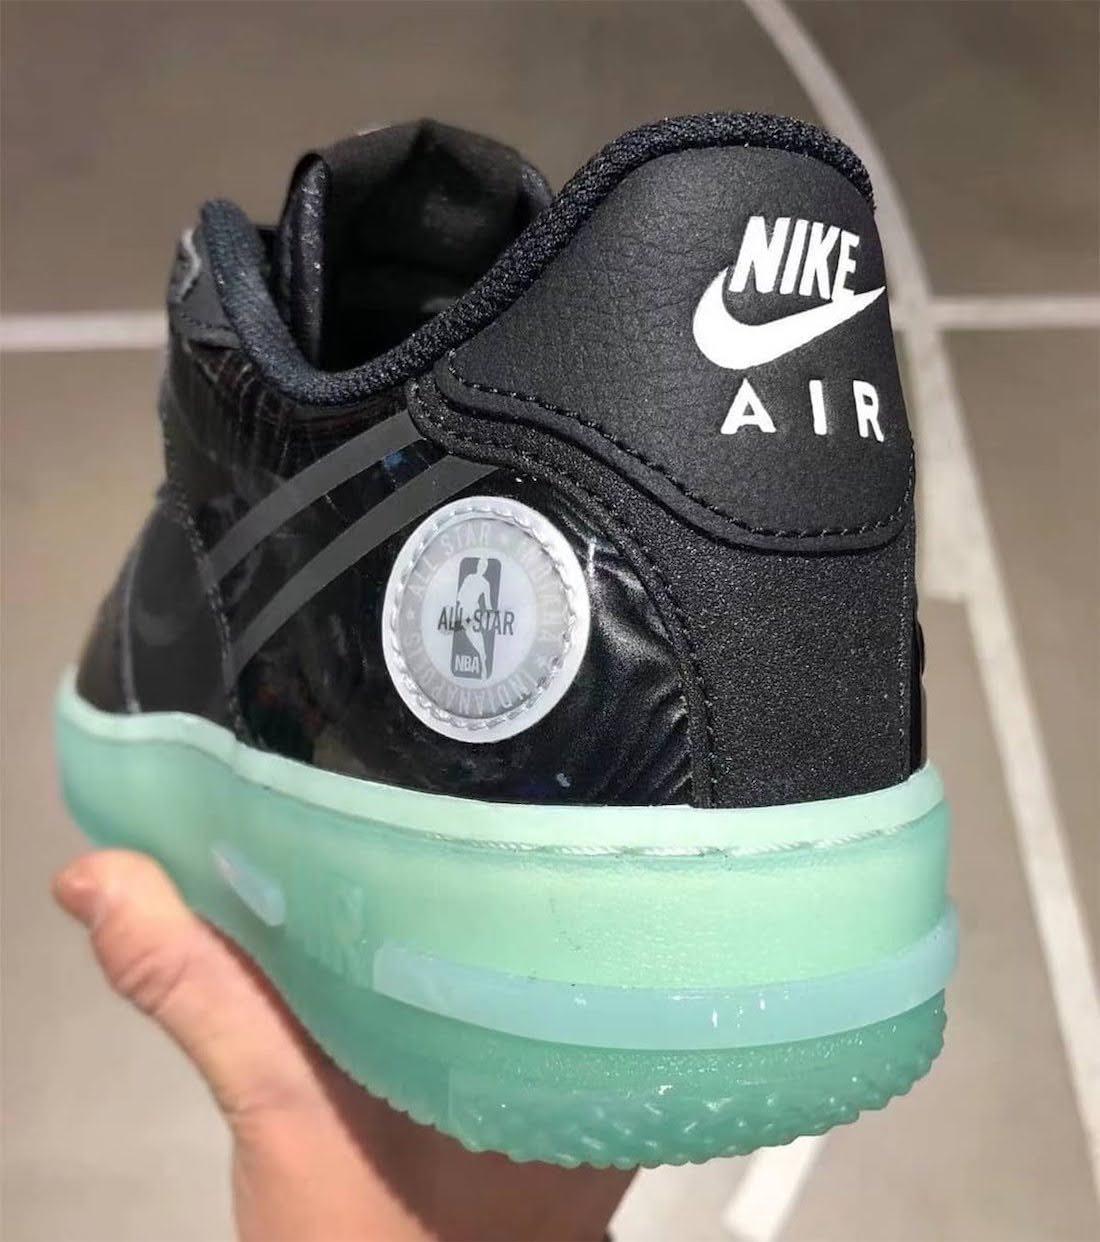 """ナイキ エア フォース 1 リアクト """"オールスター"""" Nike-Air-Force-1-React-All-Star-CV2218-001-heel"""